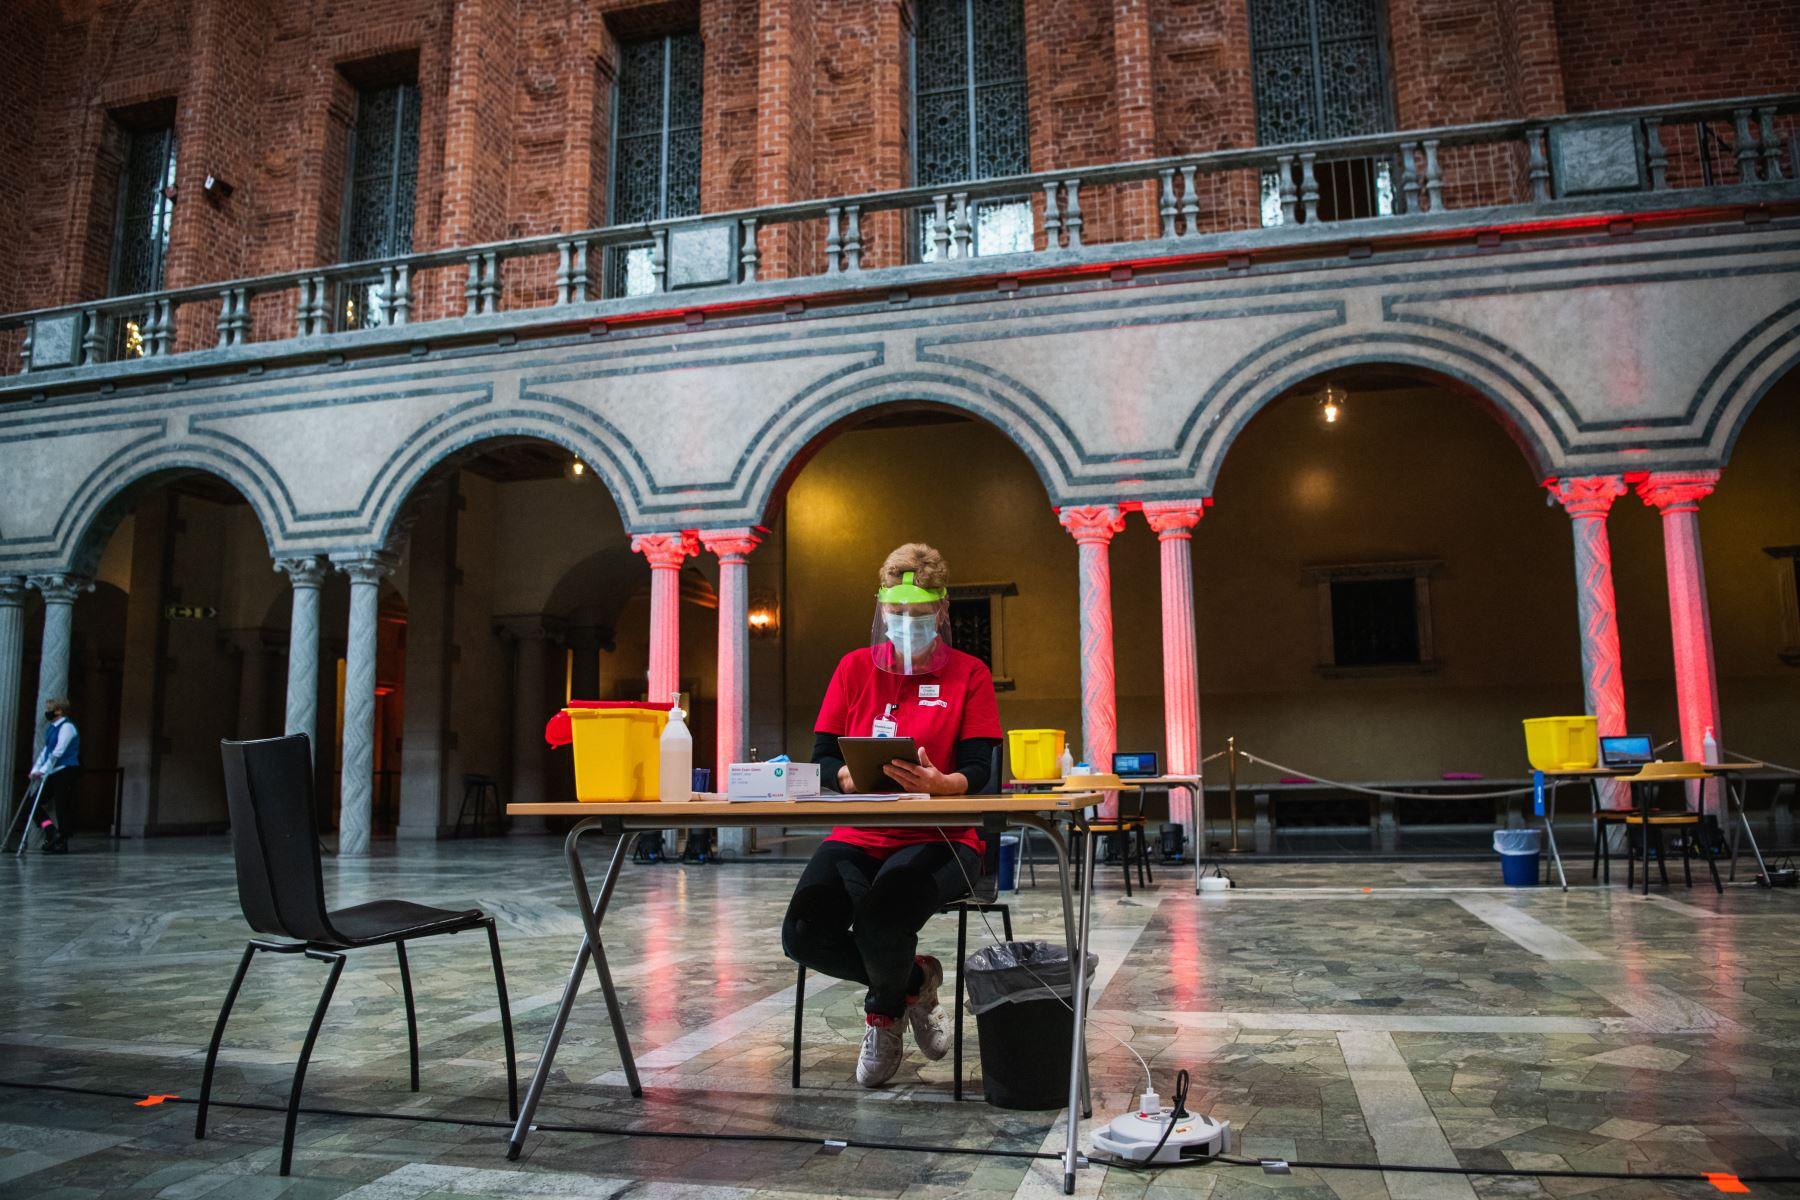 Los preparativos se llevan a cabo en el Ayuntamiento de Estocolmo para convertir el lugar de los banquetes del Premio Nobel en un centro de vacunación Covid-19  en la capital de Suecia, en medio de la nueva pandemia de coronavirus. Foto: AFP